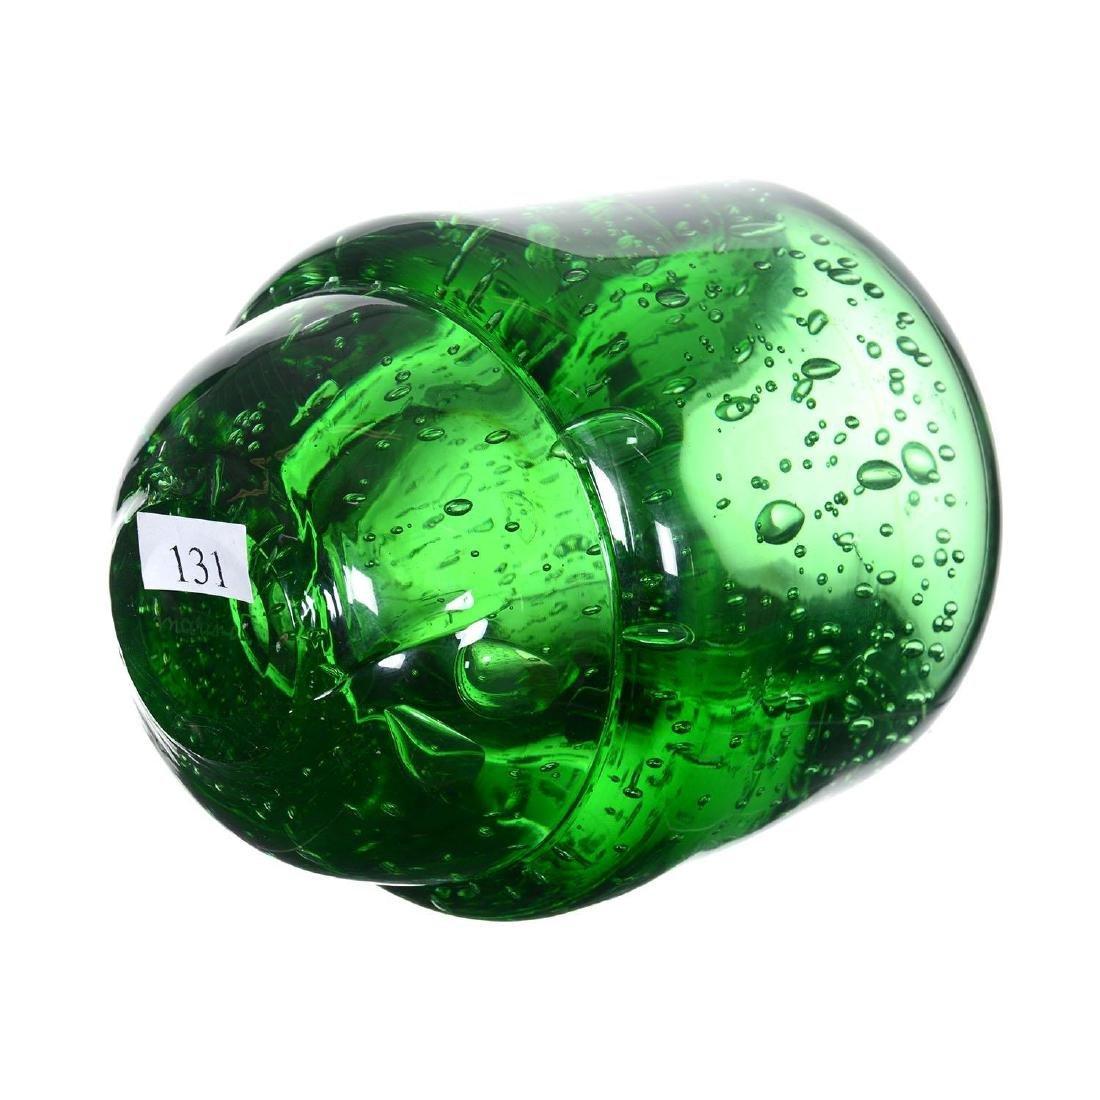 """5.75"""" X 4.75"""" Signed """"Marinot"""" French Art Glass Vase - 2"""